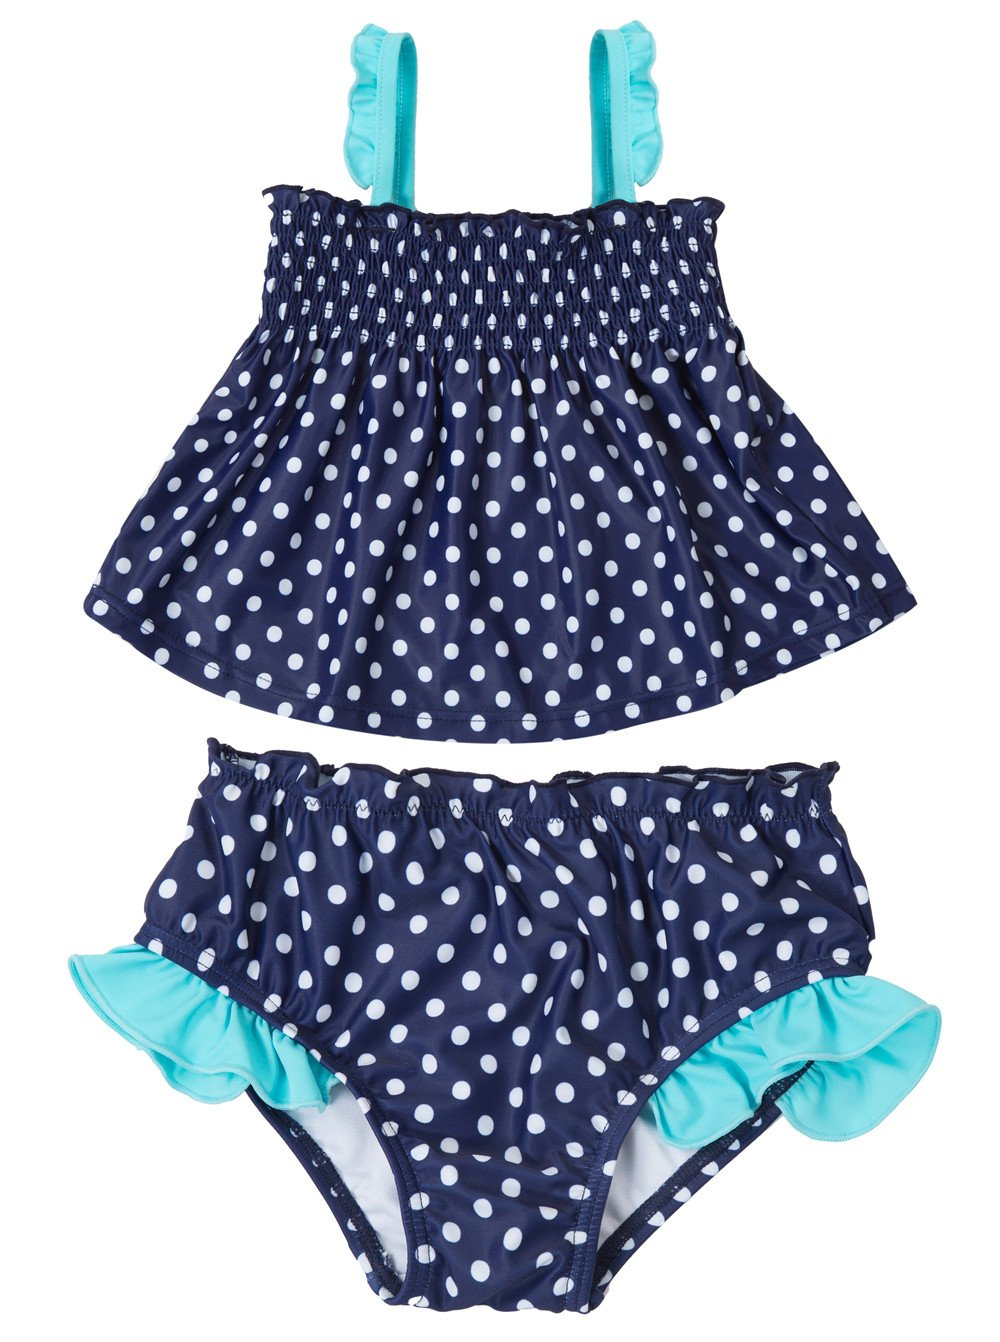 Attraco Baby Schwimmanzug Mädchen Einteiler Baby Badeanzug Polka Dots Badebekleidung Baby 3 Monate Bis 3 Jahre